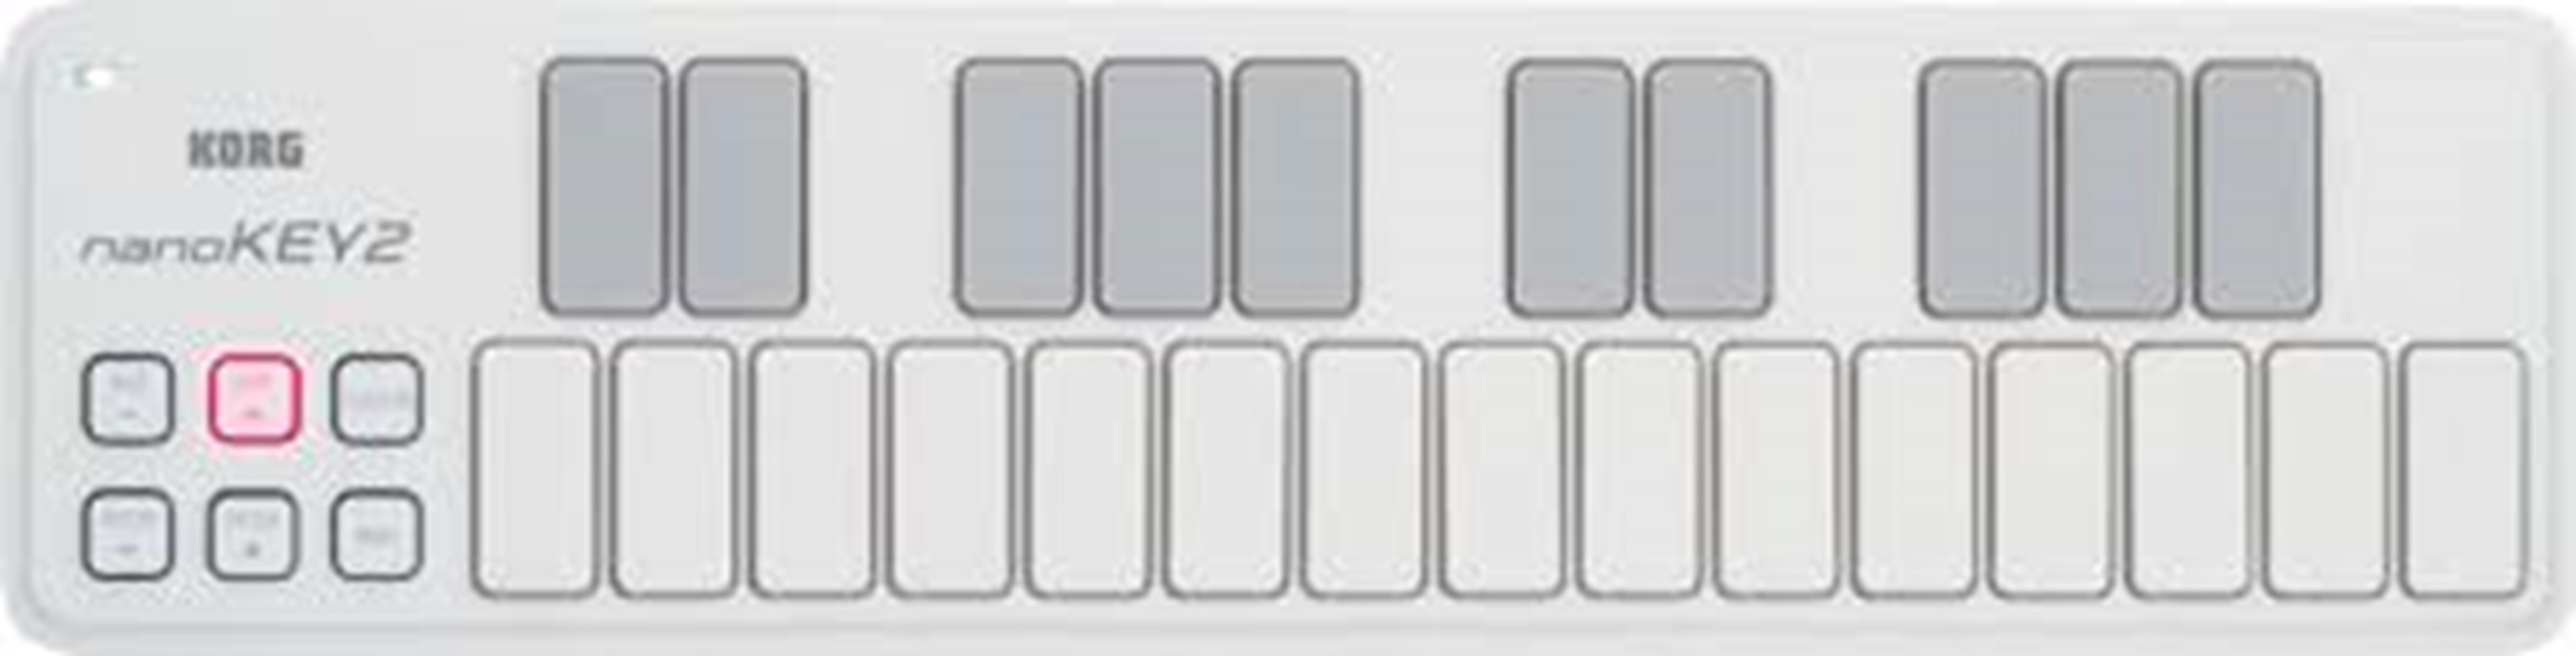 KORG-NANOKEY-2-WHITE-sku-9521